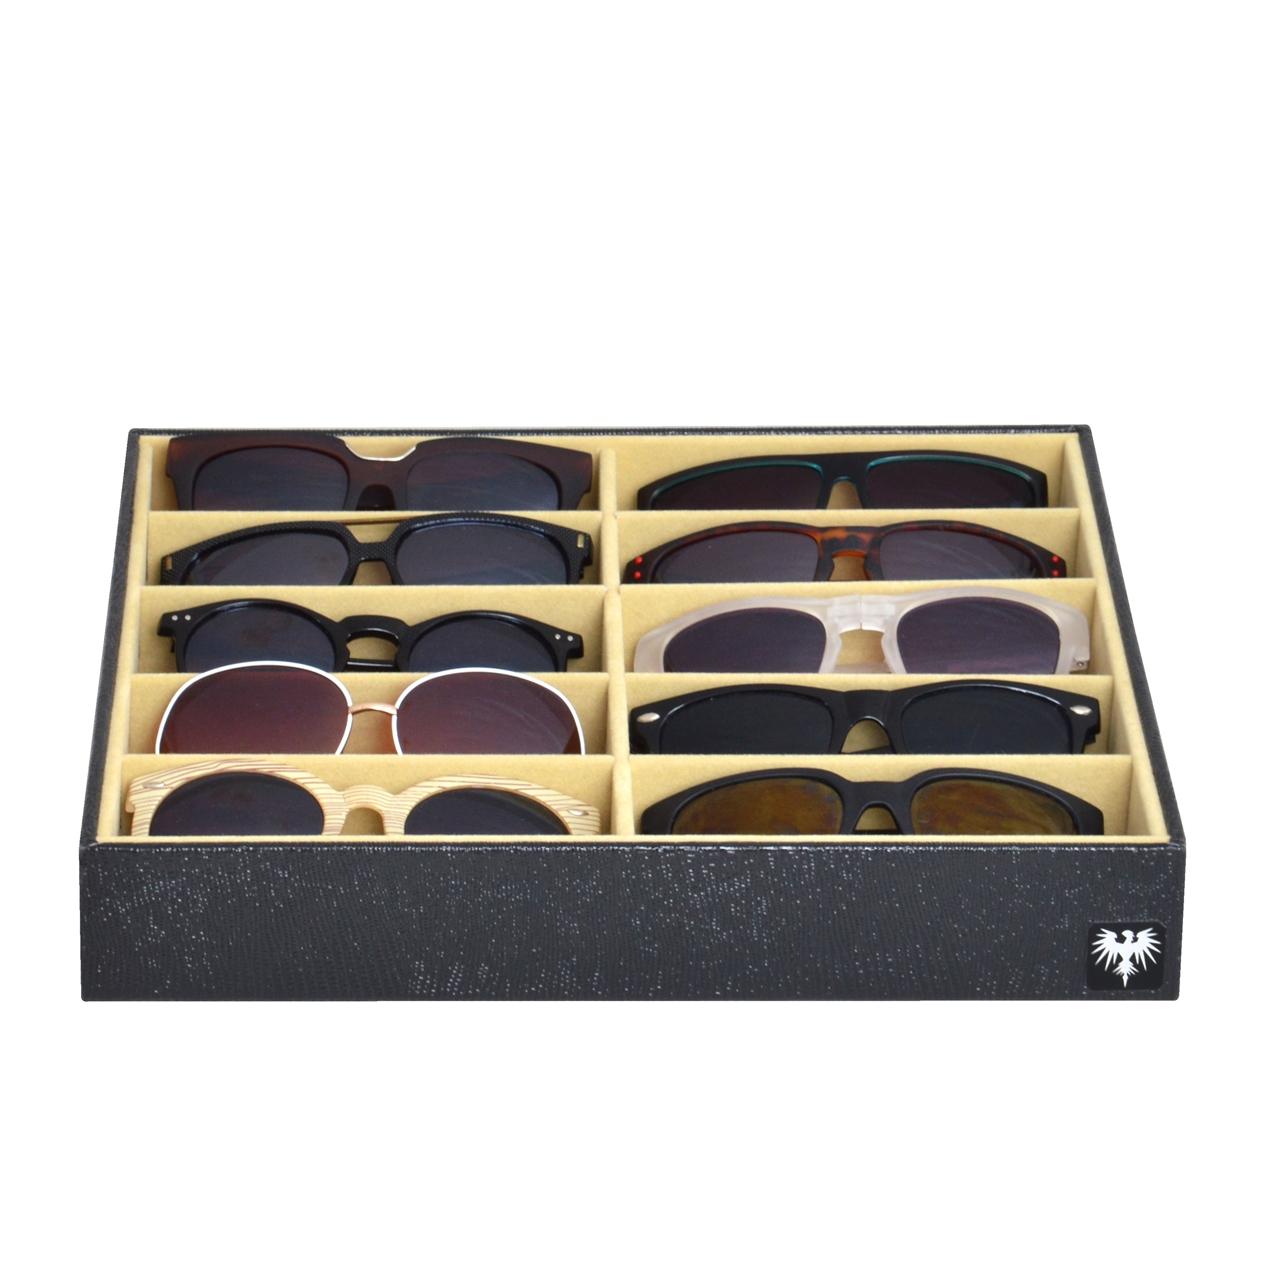 bandeja-couro-ecologico-10-oculos-preto-bege-porta-closet-imagem-1.jpg